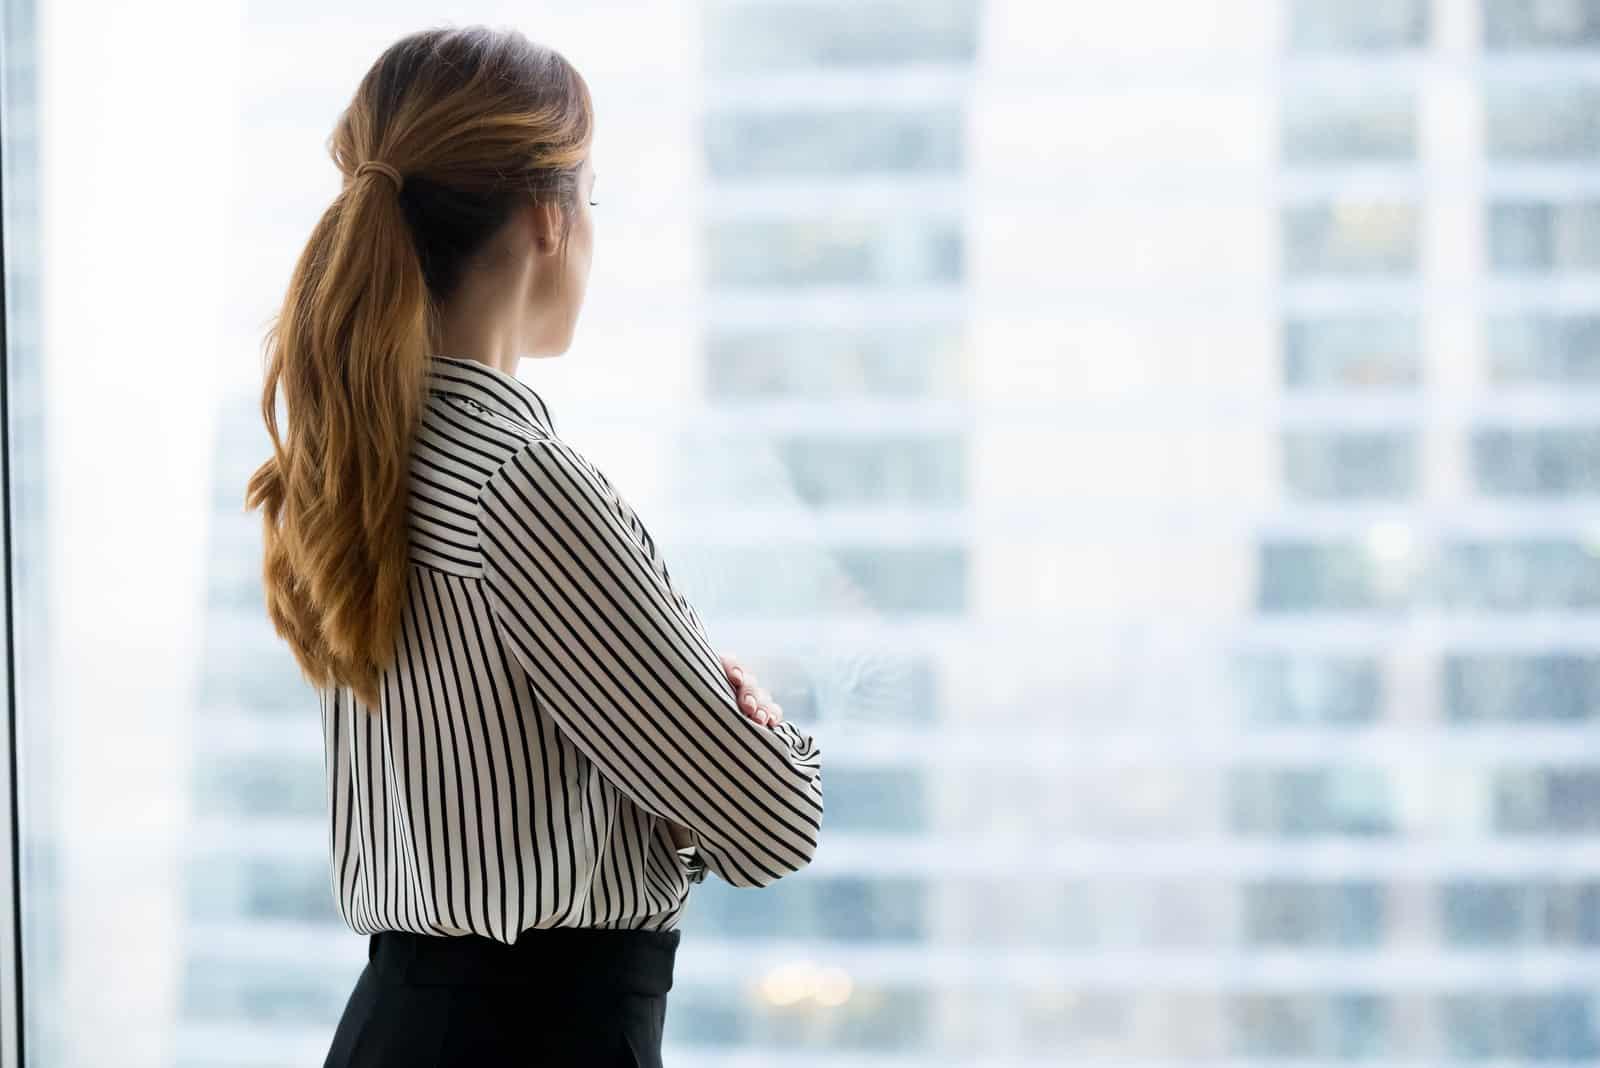 femme debout près de la fenêtre seule